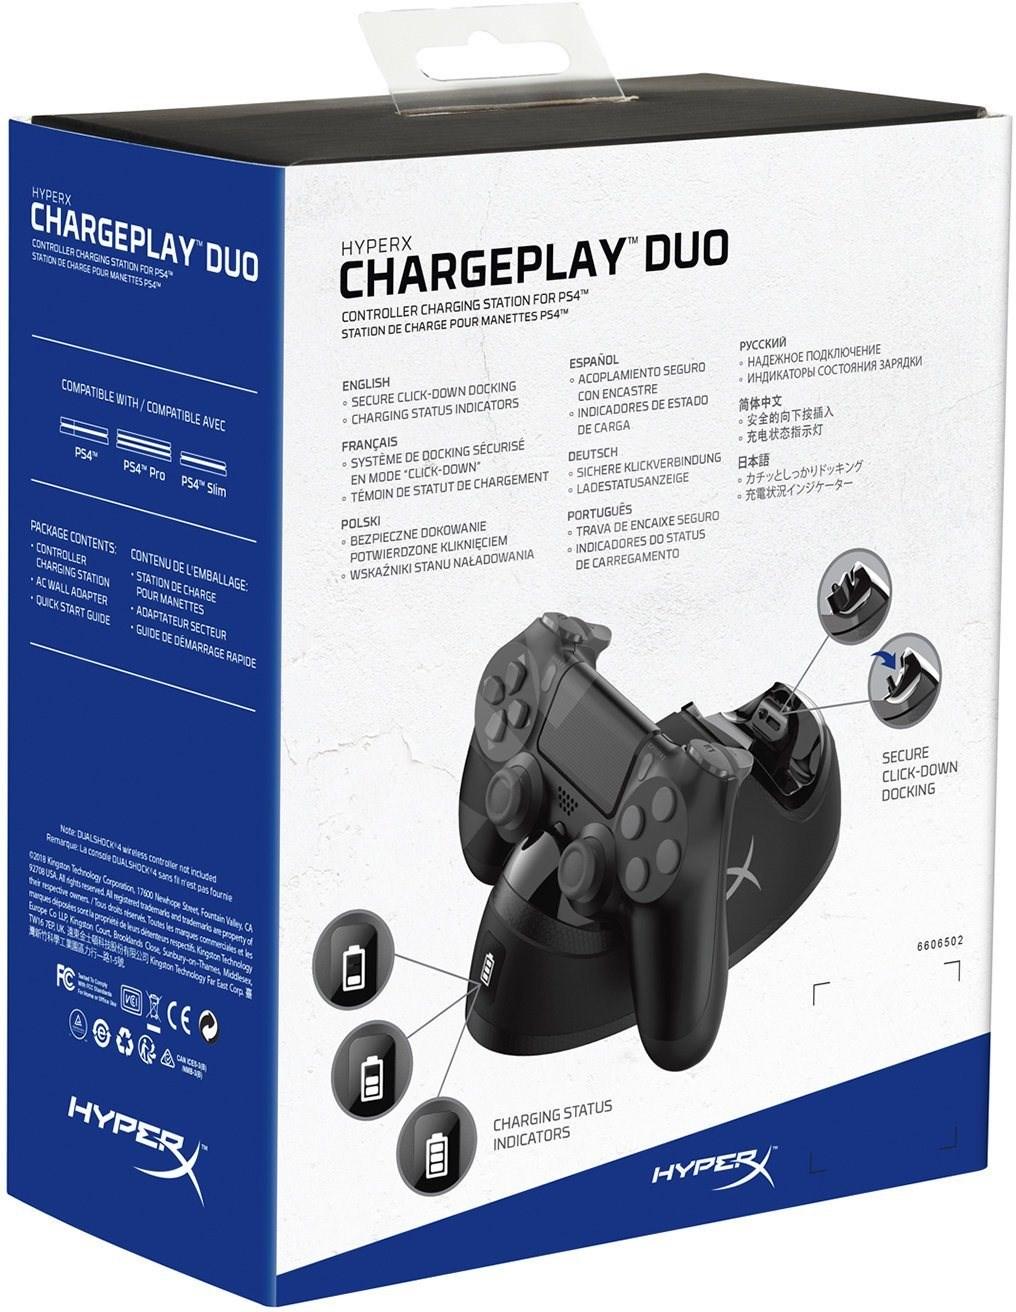 HyperX ChargePlay�?Duo - Töltőállomás